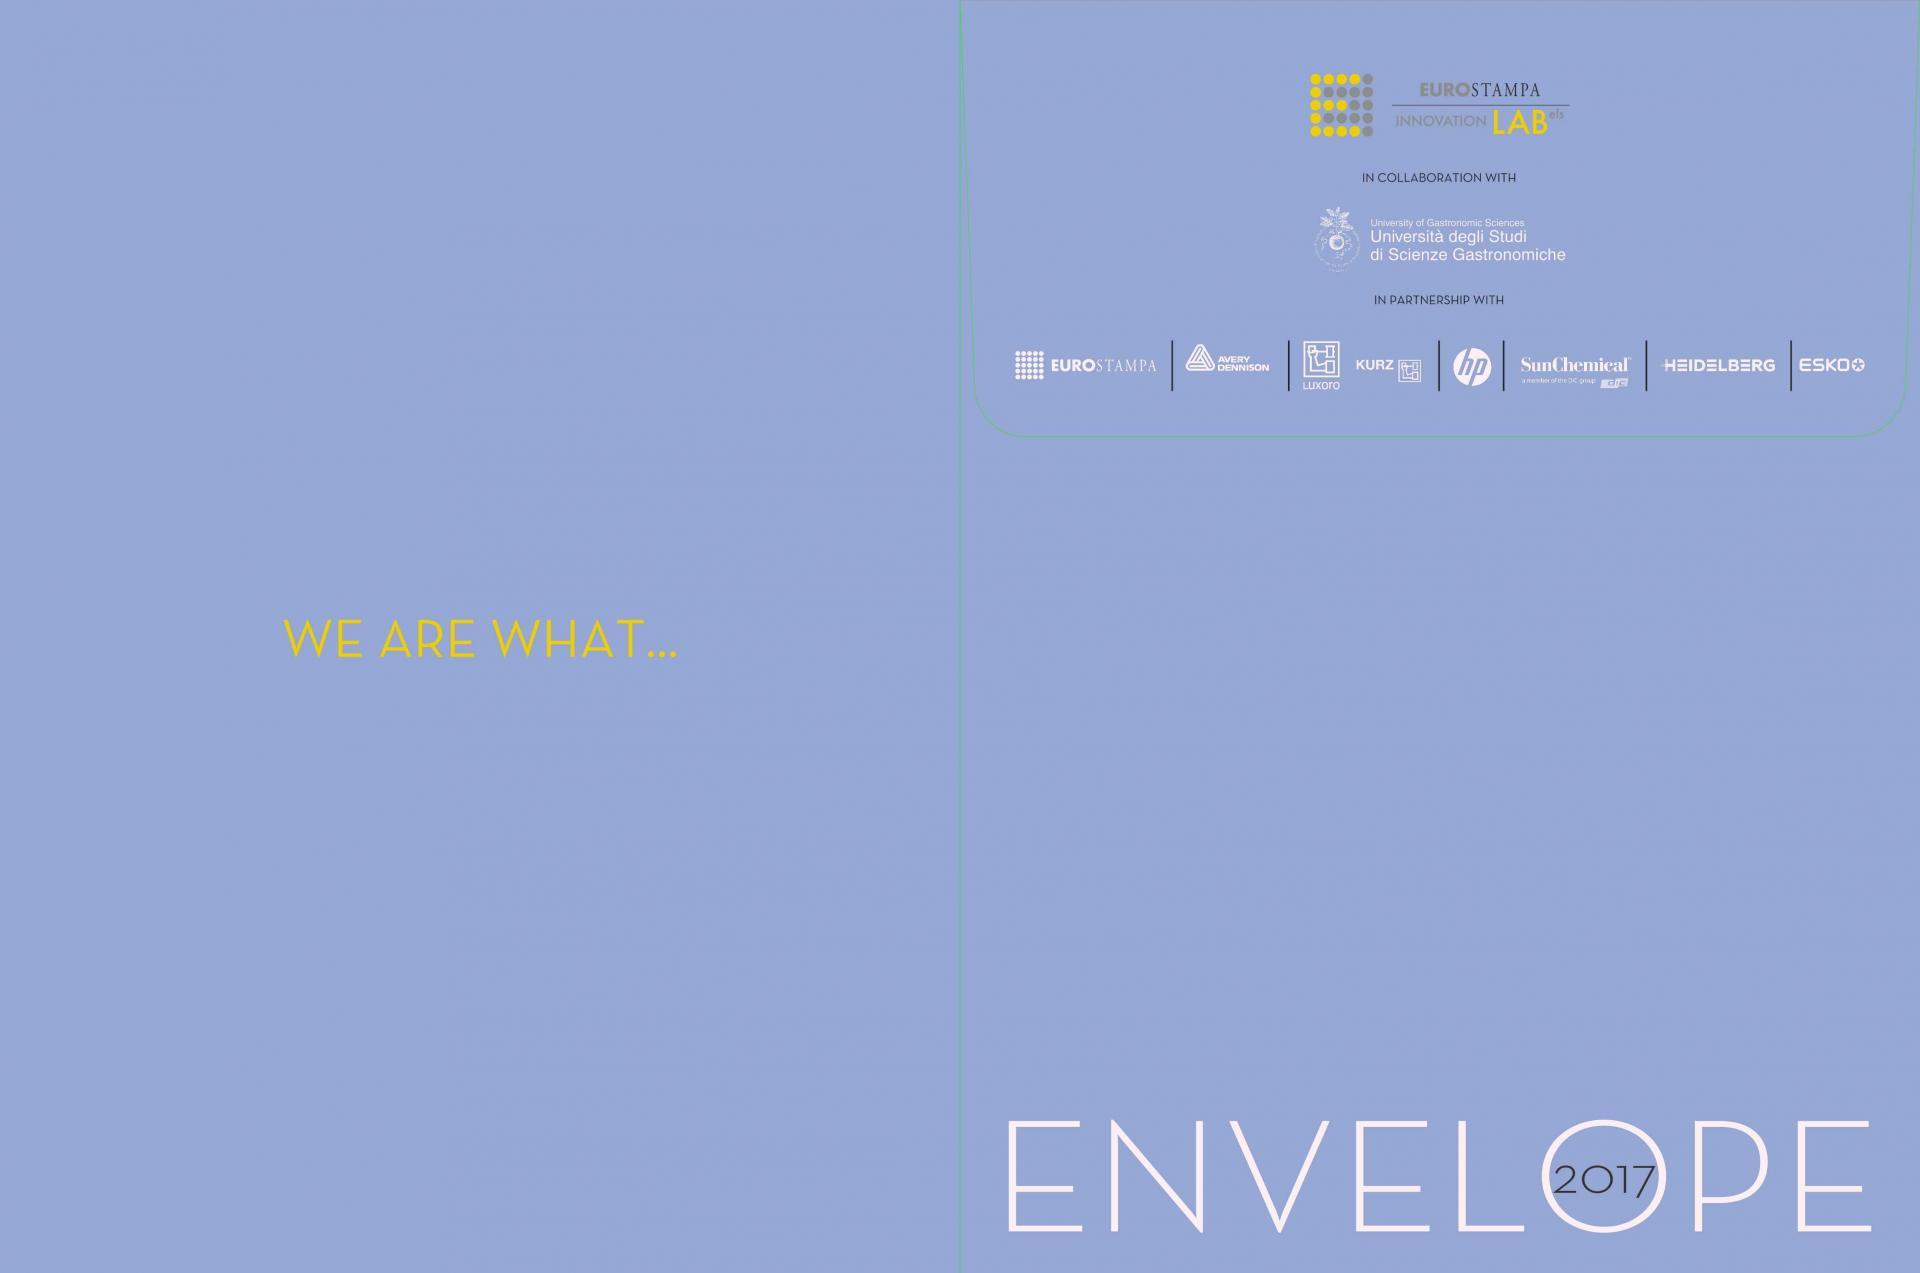 Progetto Envelope l'innovazione al servizio della creatività nel label packging